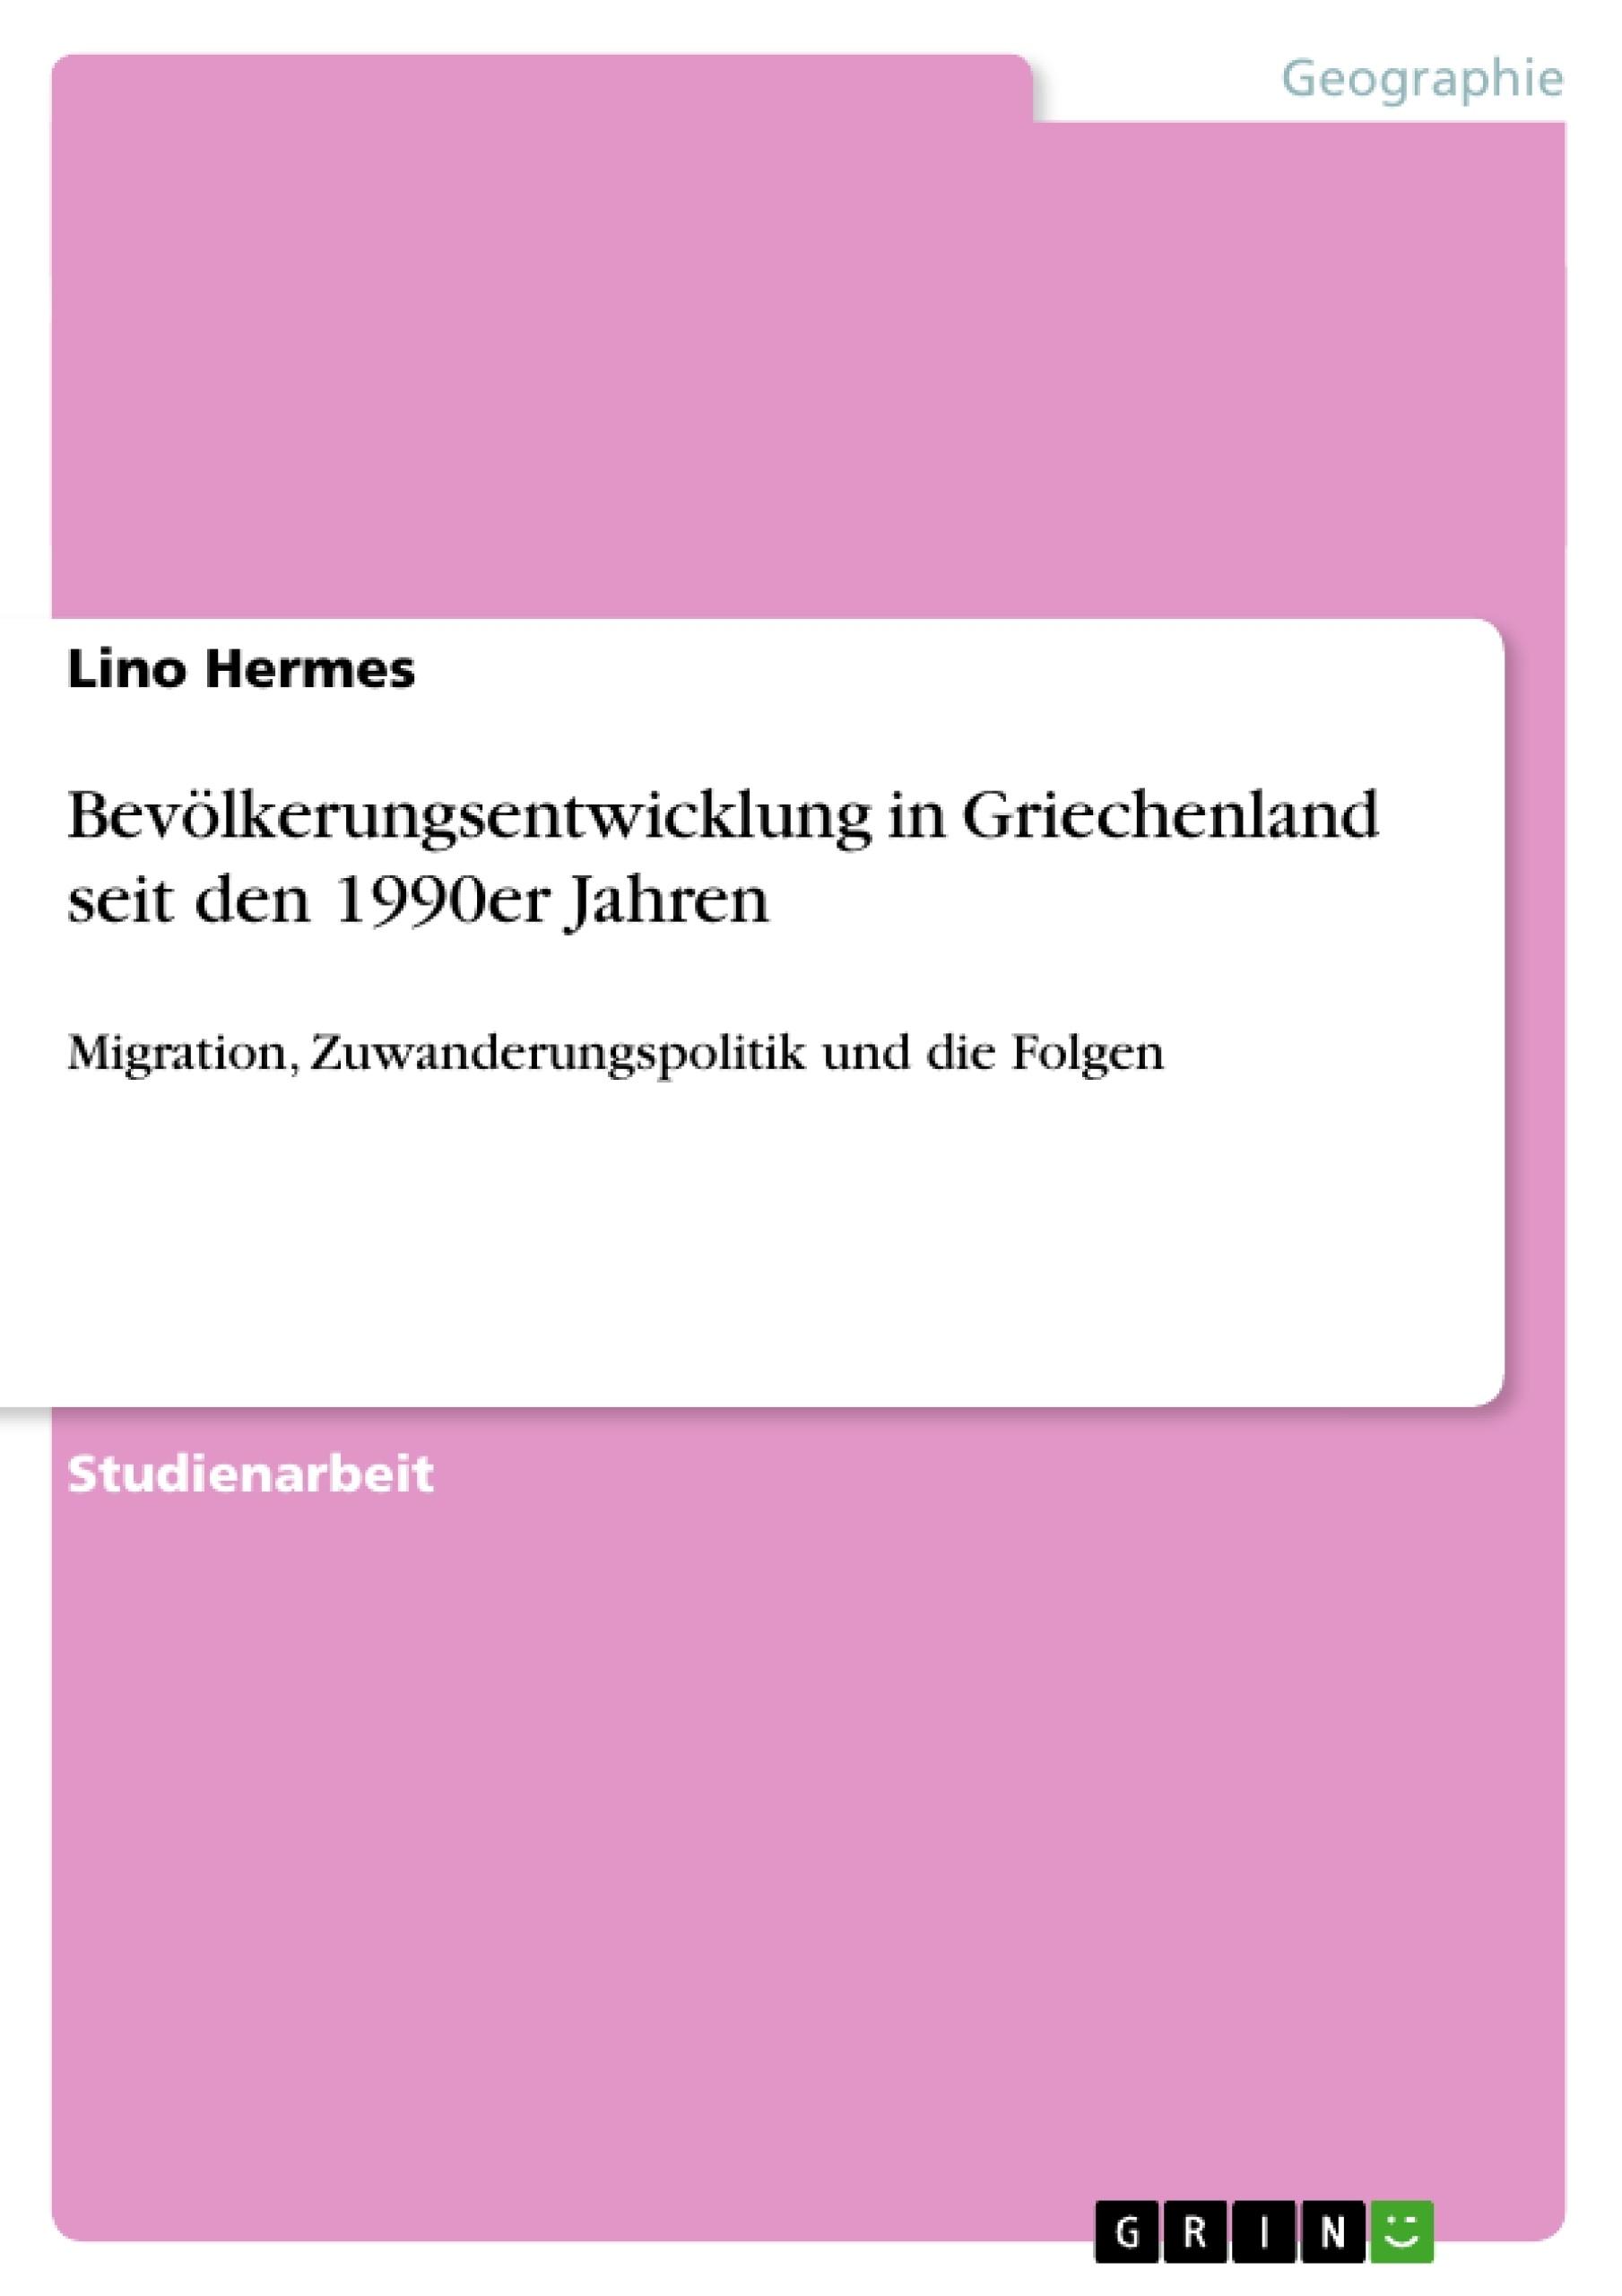 Titel: Bevölkerungsentwicklung in Griechenland seit den 1990er Jahren